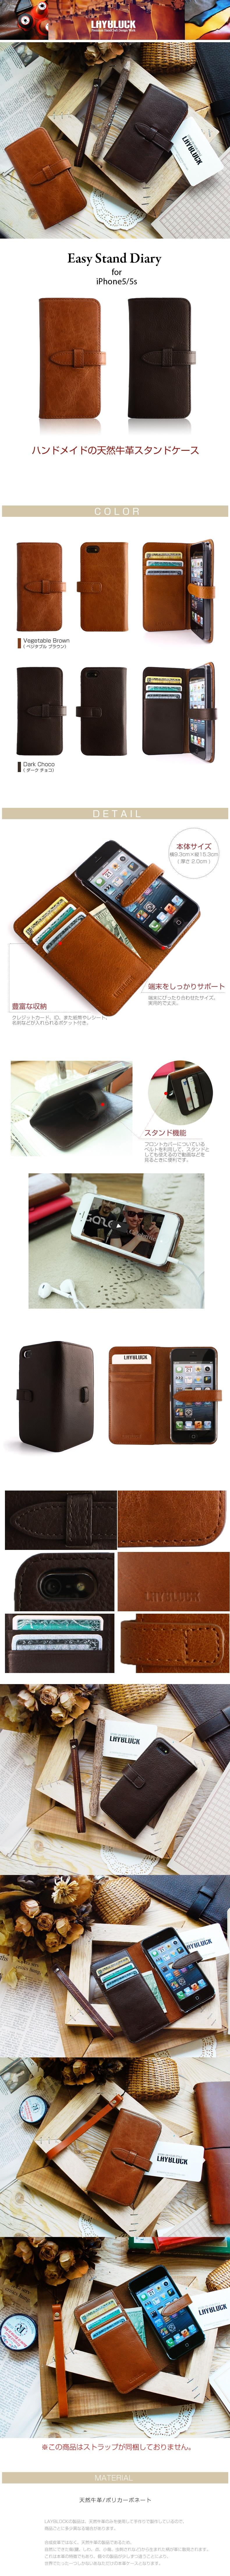 商品詳細iPhone5/5sEasy Stand Diary (イージースタンドダイアリー)